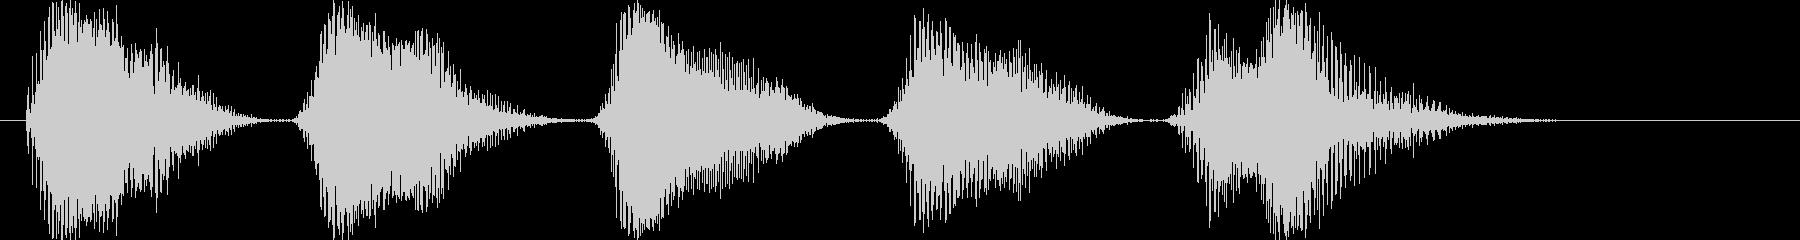 カァカァカァ(カラスの鳴き声)擬音5連発の未再生の波形